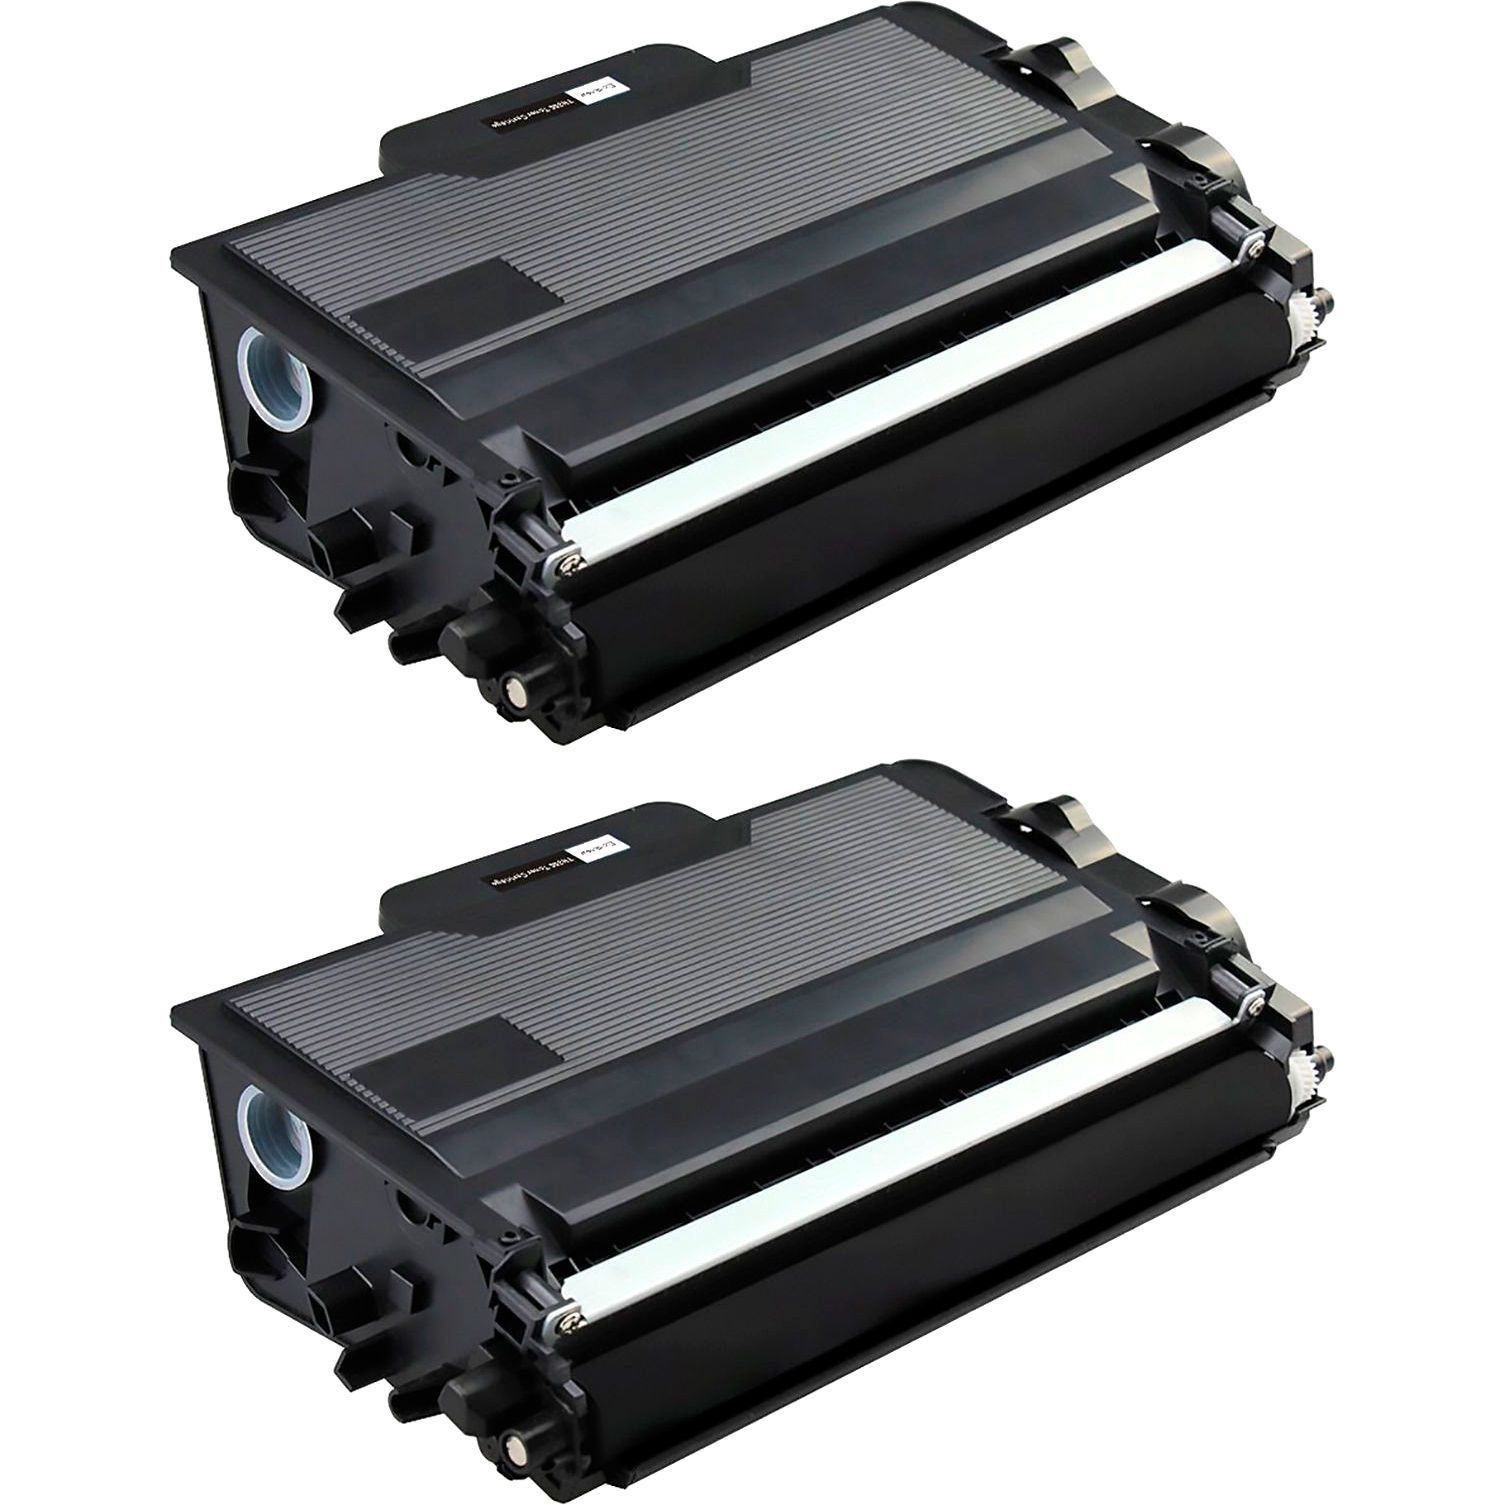 Compatível: Kit 2x Toner TN3492 TN890 para Brother MFC-L6902dw HL-L6402dw  L6902 L6402 6902dw 6402dw / Preto / 20.000